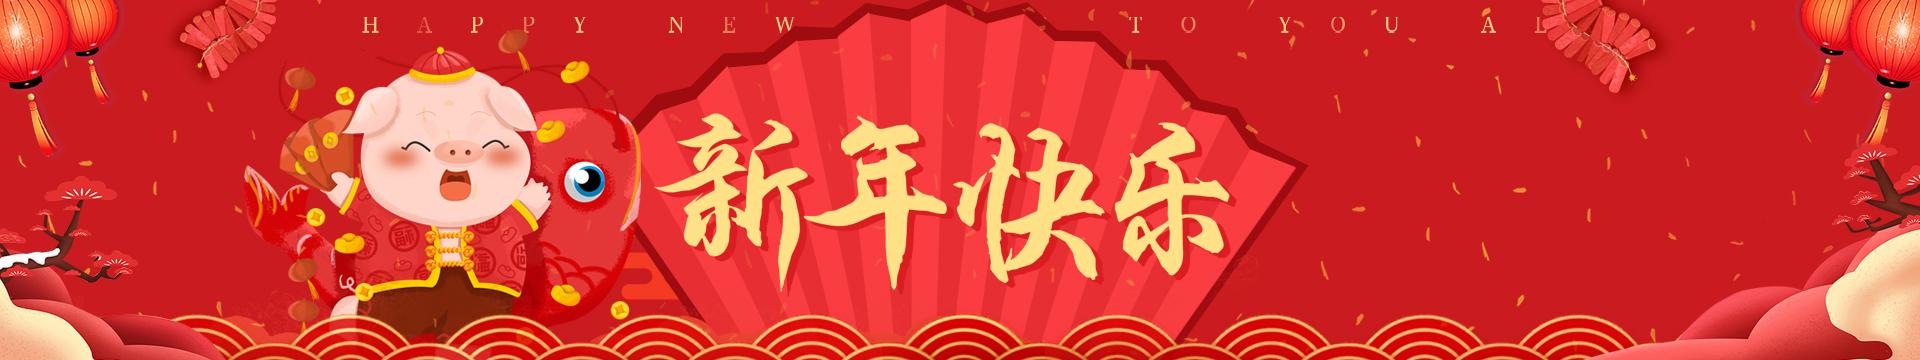 真木网祝大家新年快乐